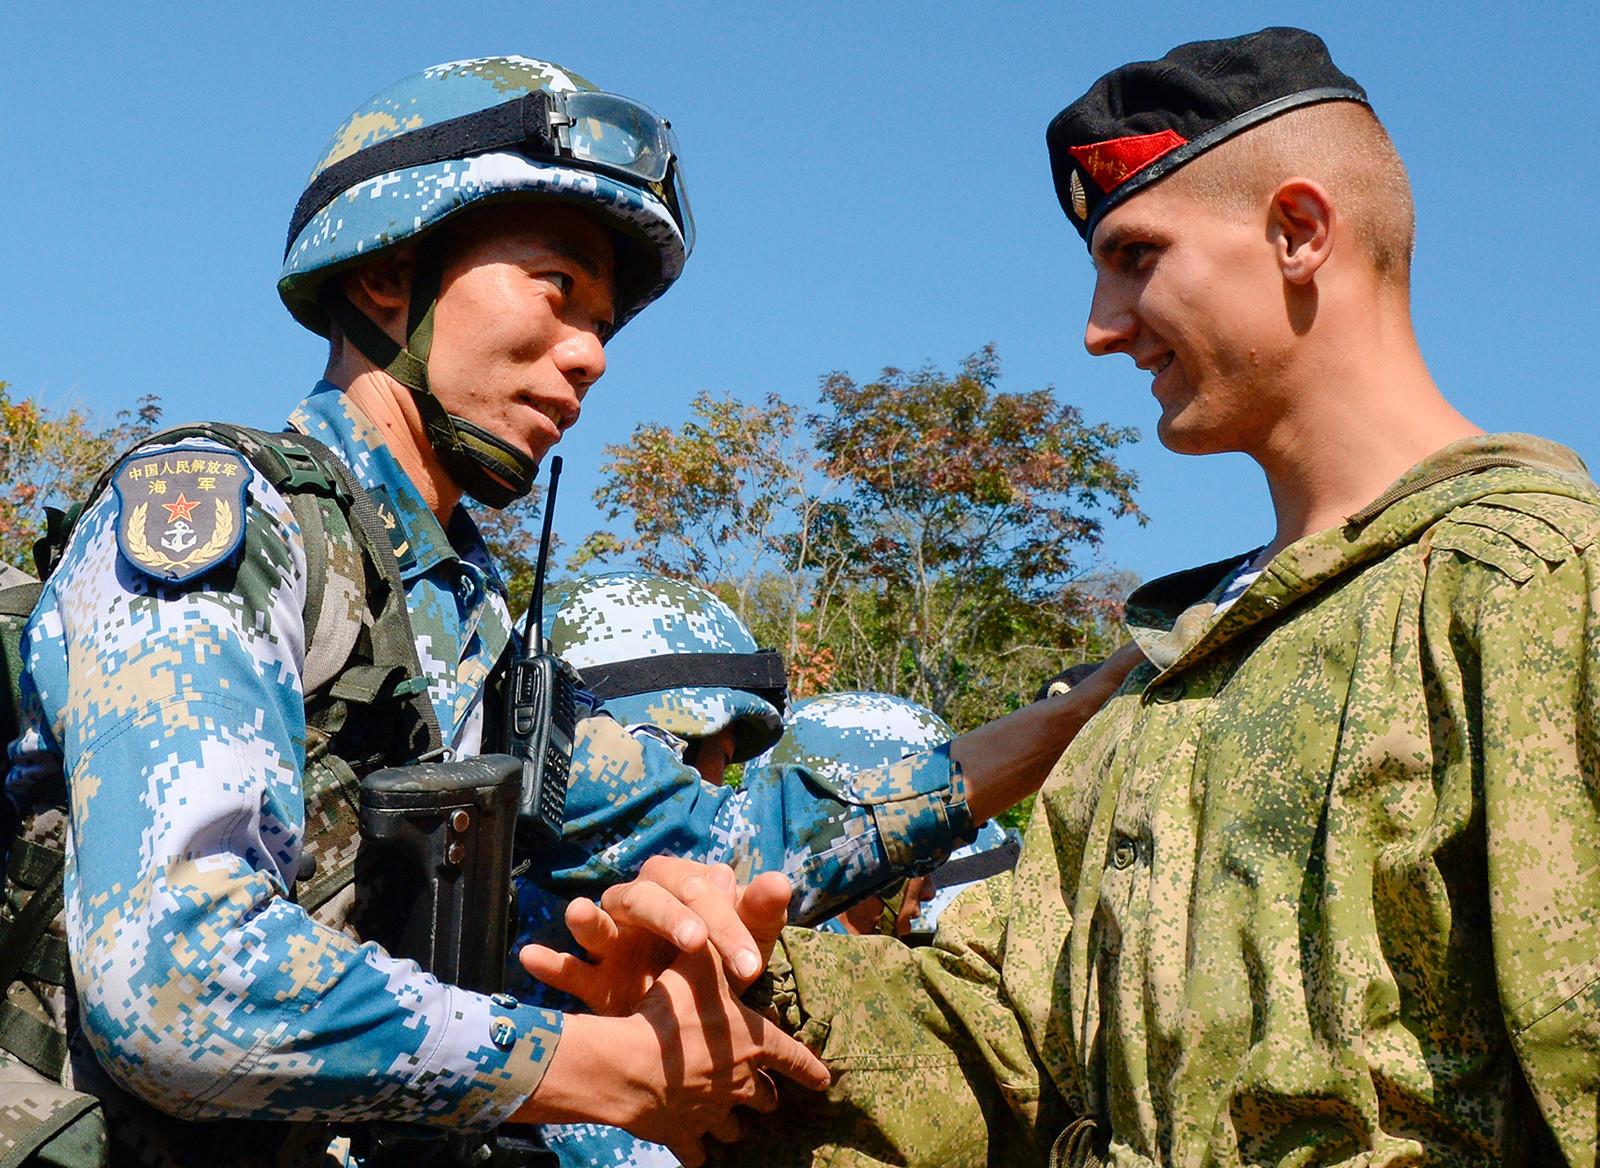 Marinheiros russos e chineses durante exercícios militares conjuntos em 2017